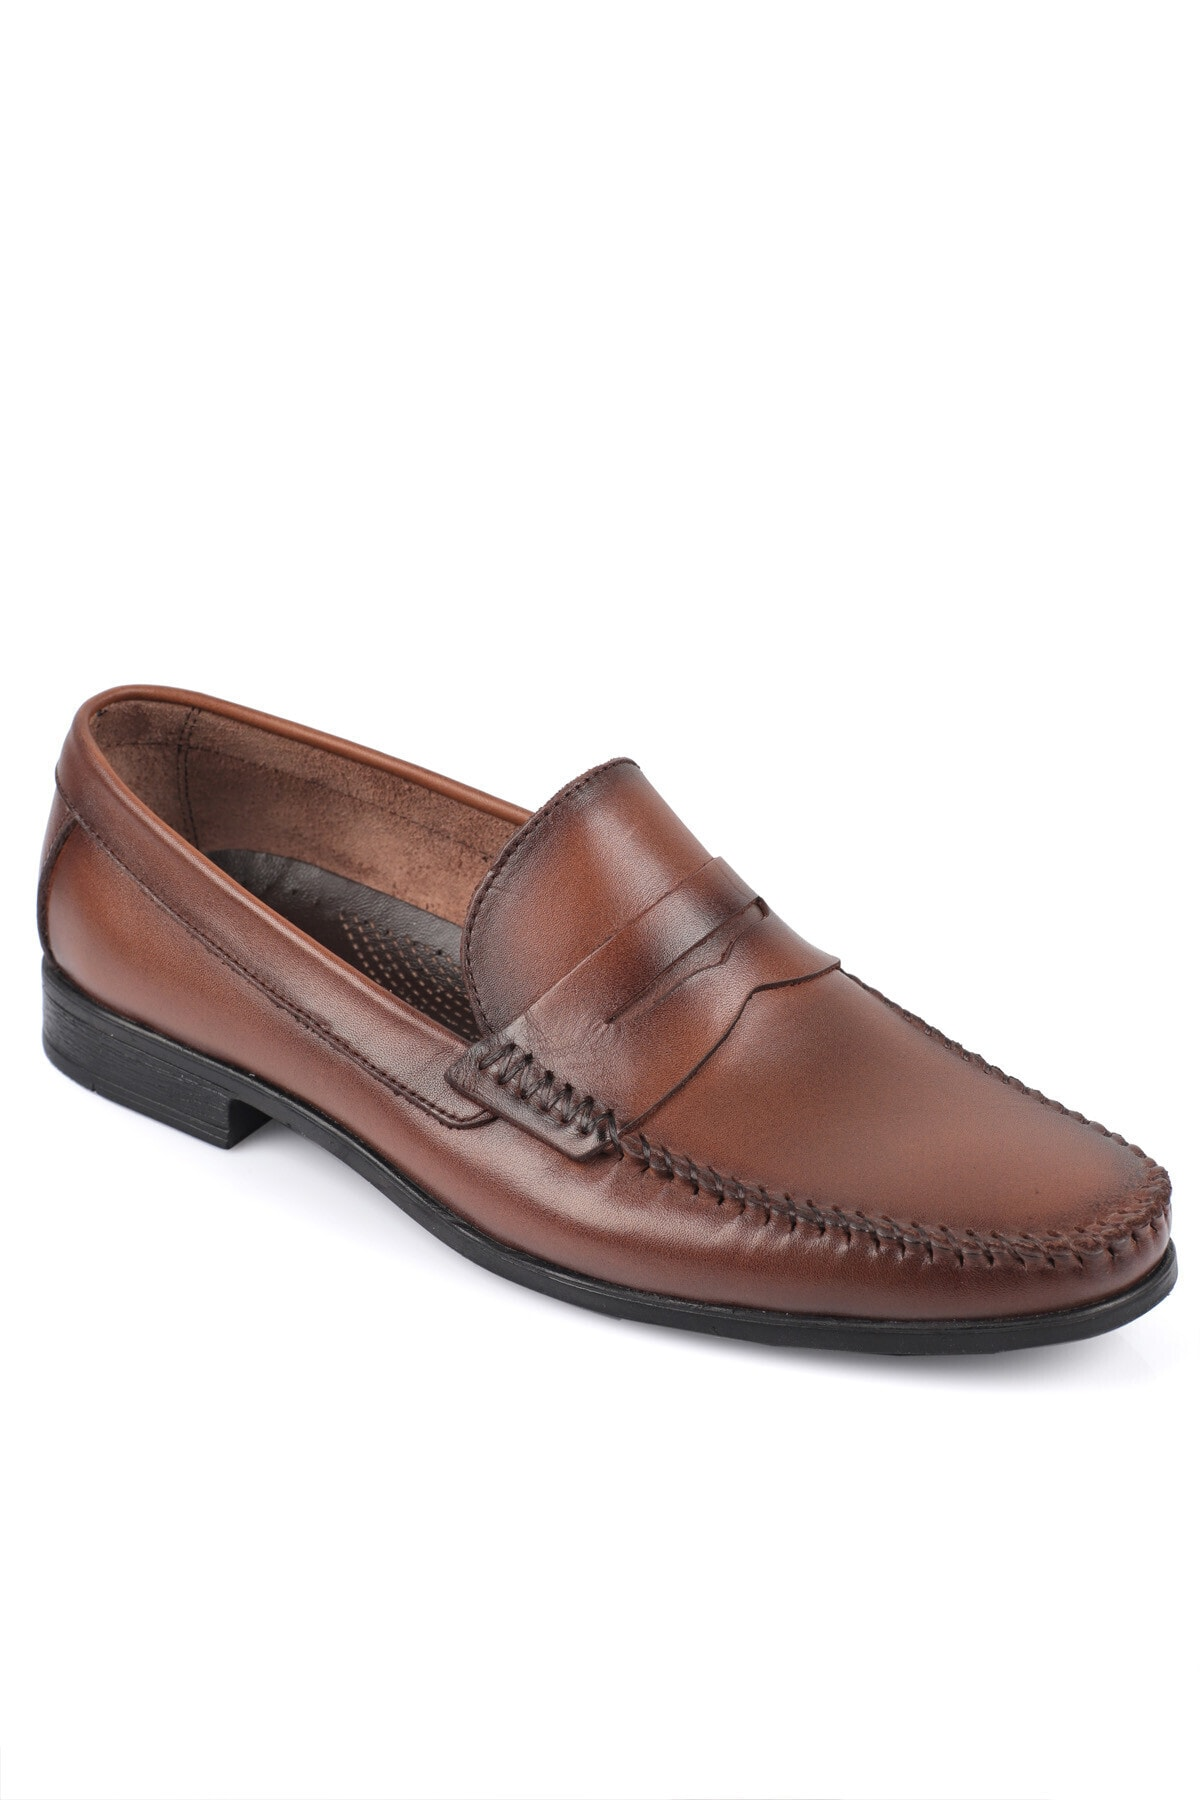 Daxtors Erkek Kahverengi Günlük Klasik Hakiki Deri Ayakkabı 2